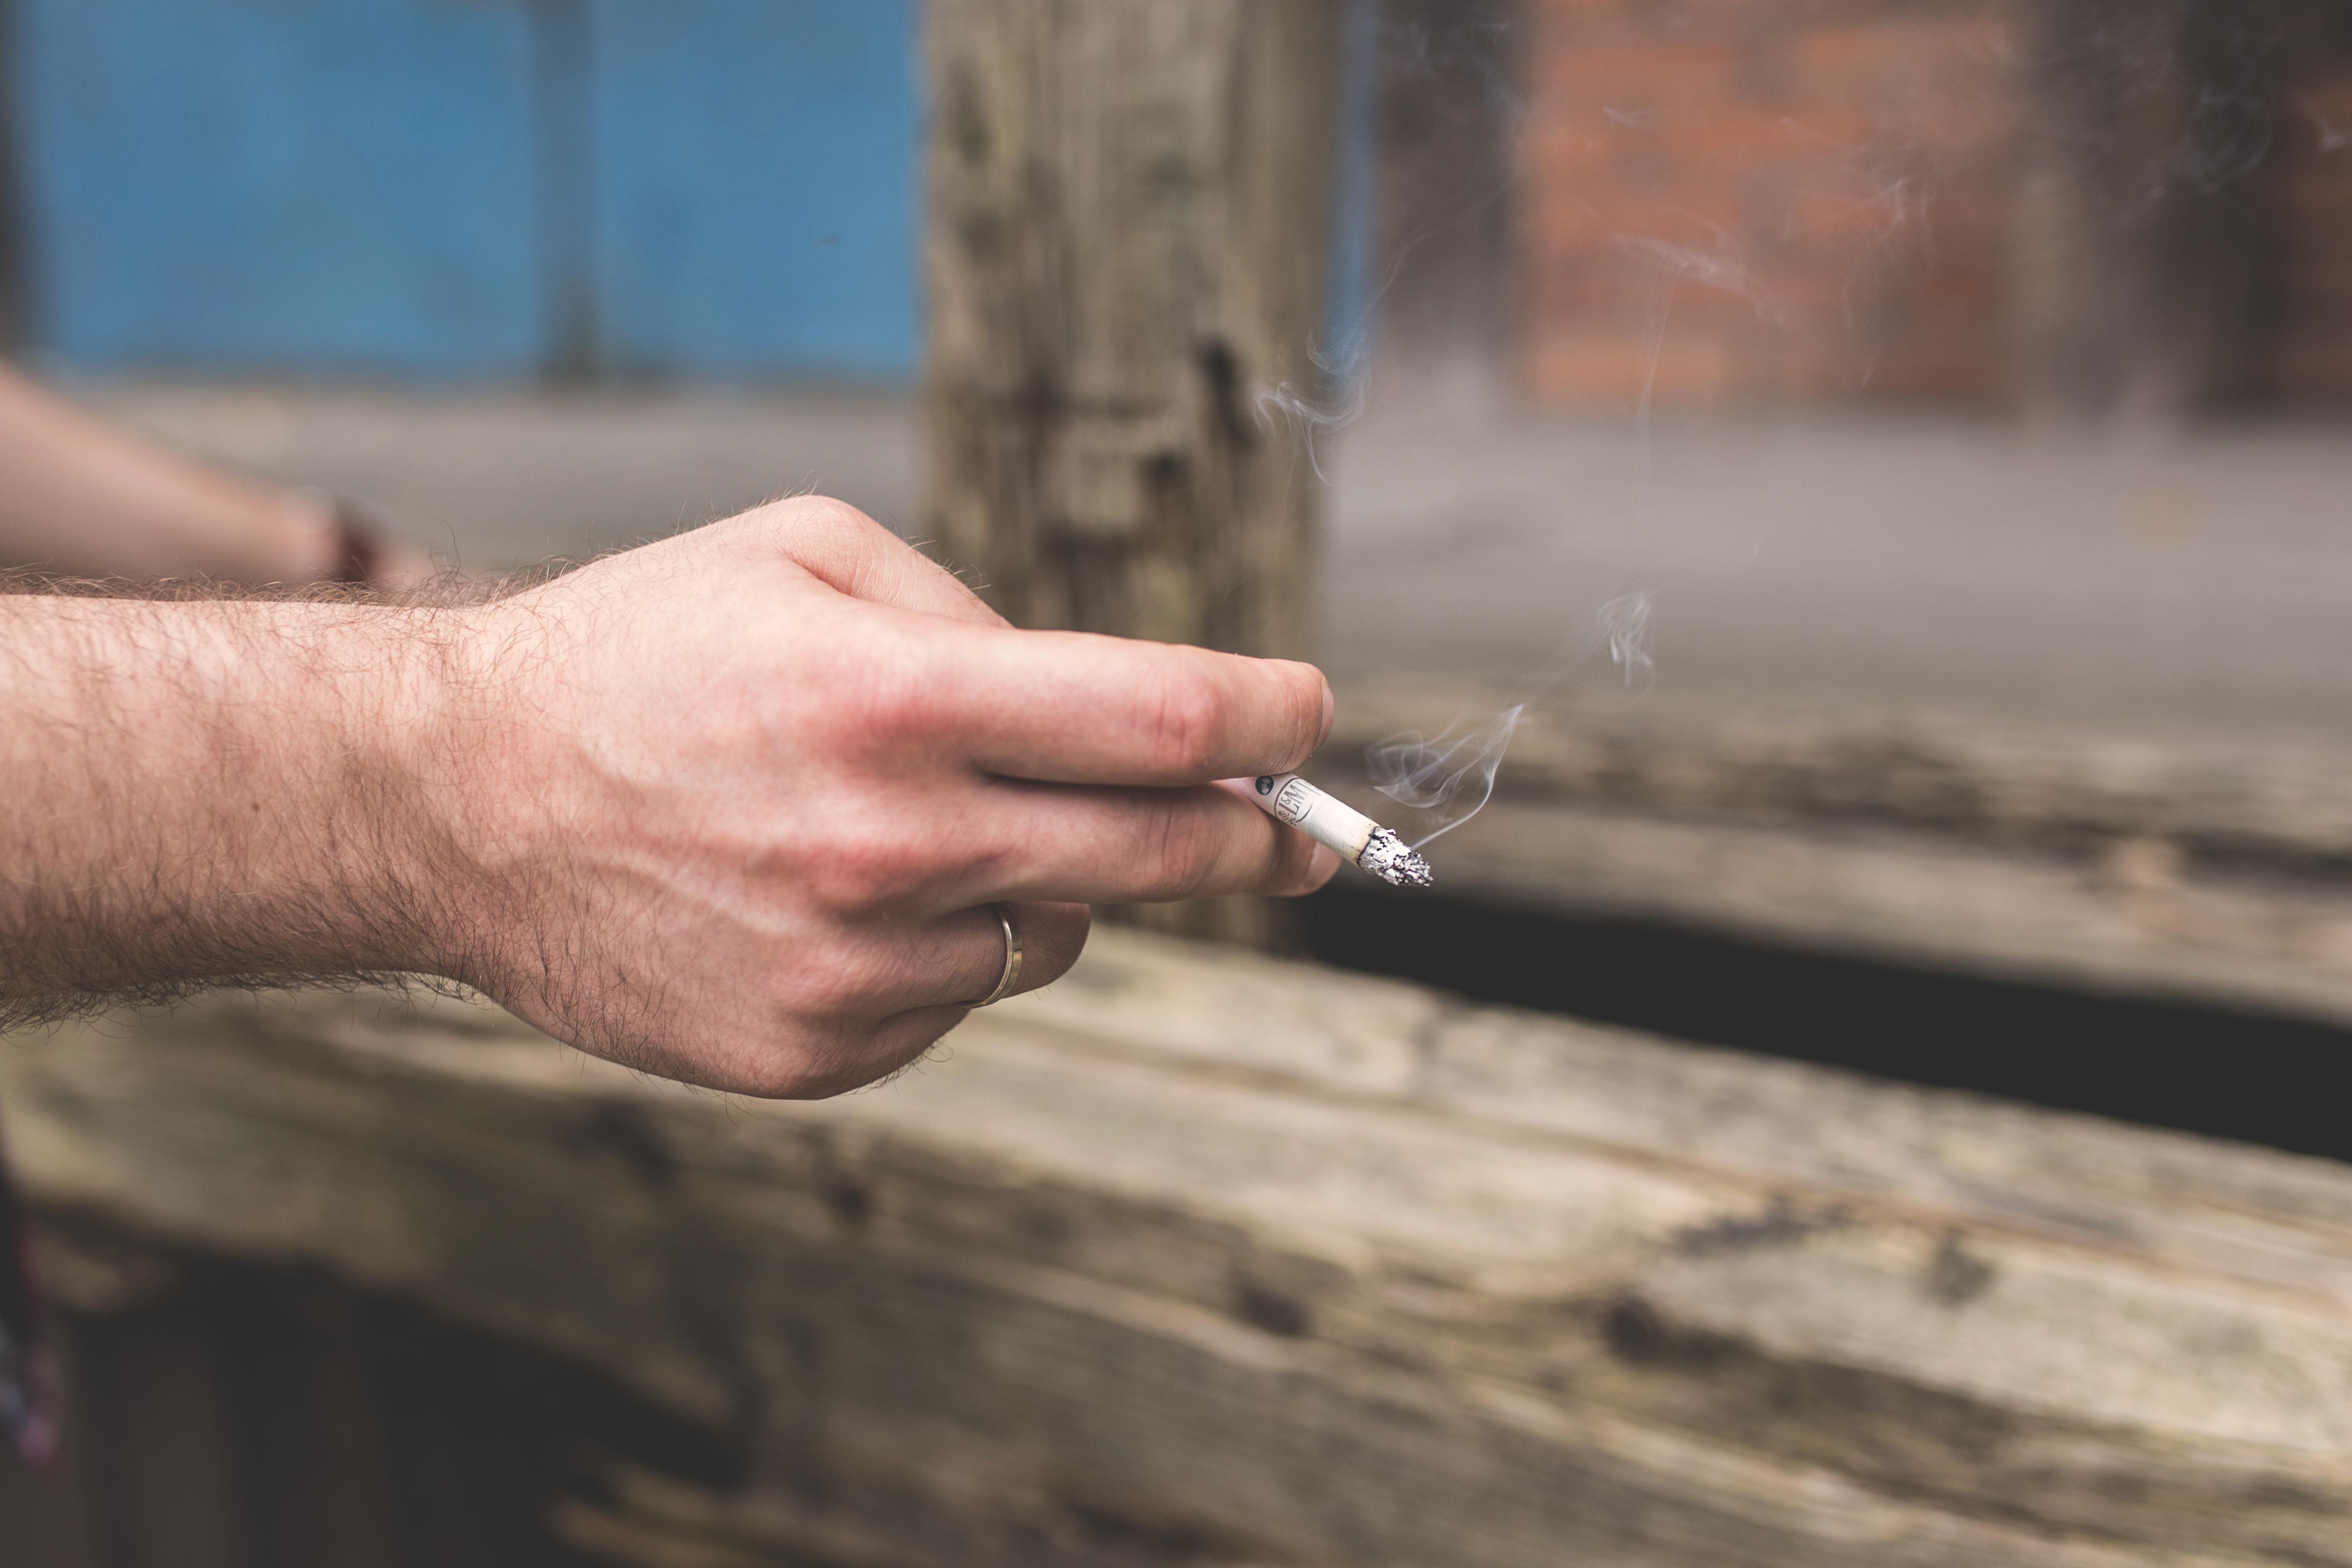 V Česku se testuje nová aplikace, pomůže s odvykáním kouření